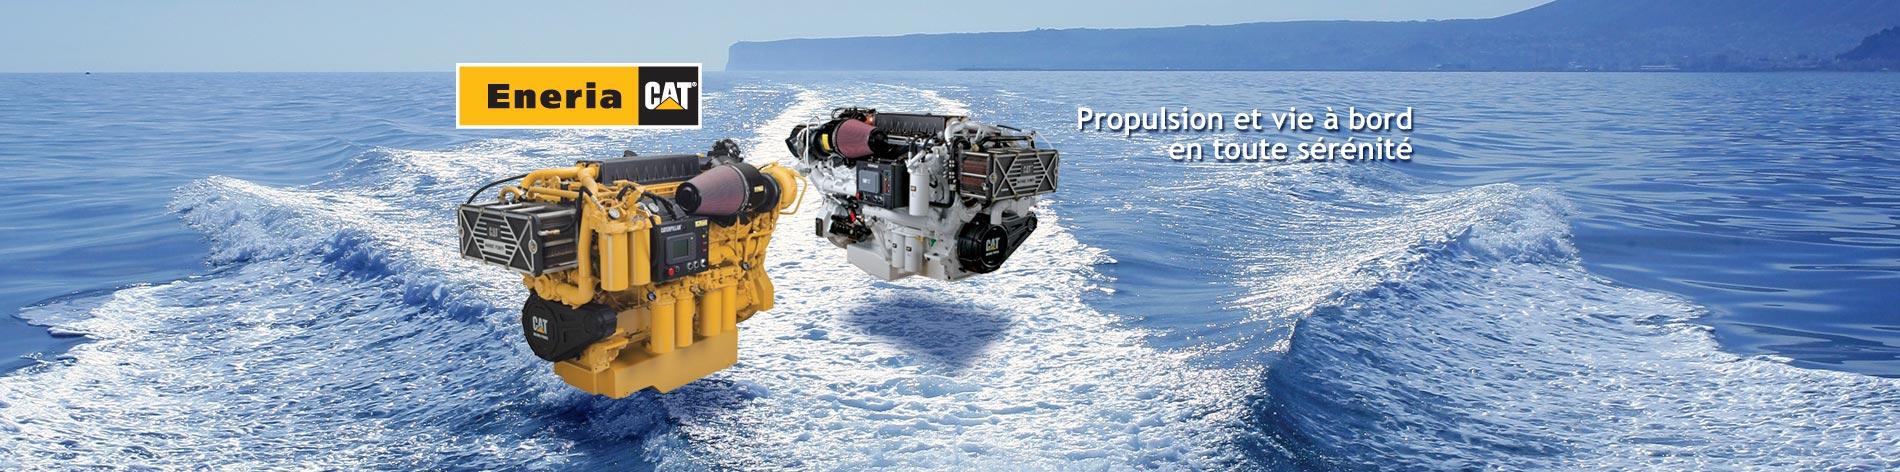 Avec une large gamme de moteurs diesel marins Caterpillar, nous offrons le meilleur de la technologie, apportons la solution la mieux adaptée à vos projets et assurons un service après-vente irréprochable.